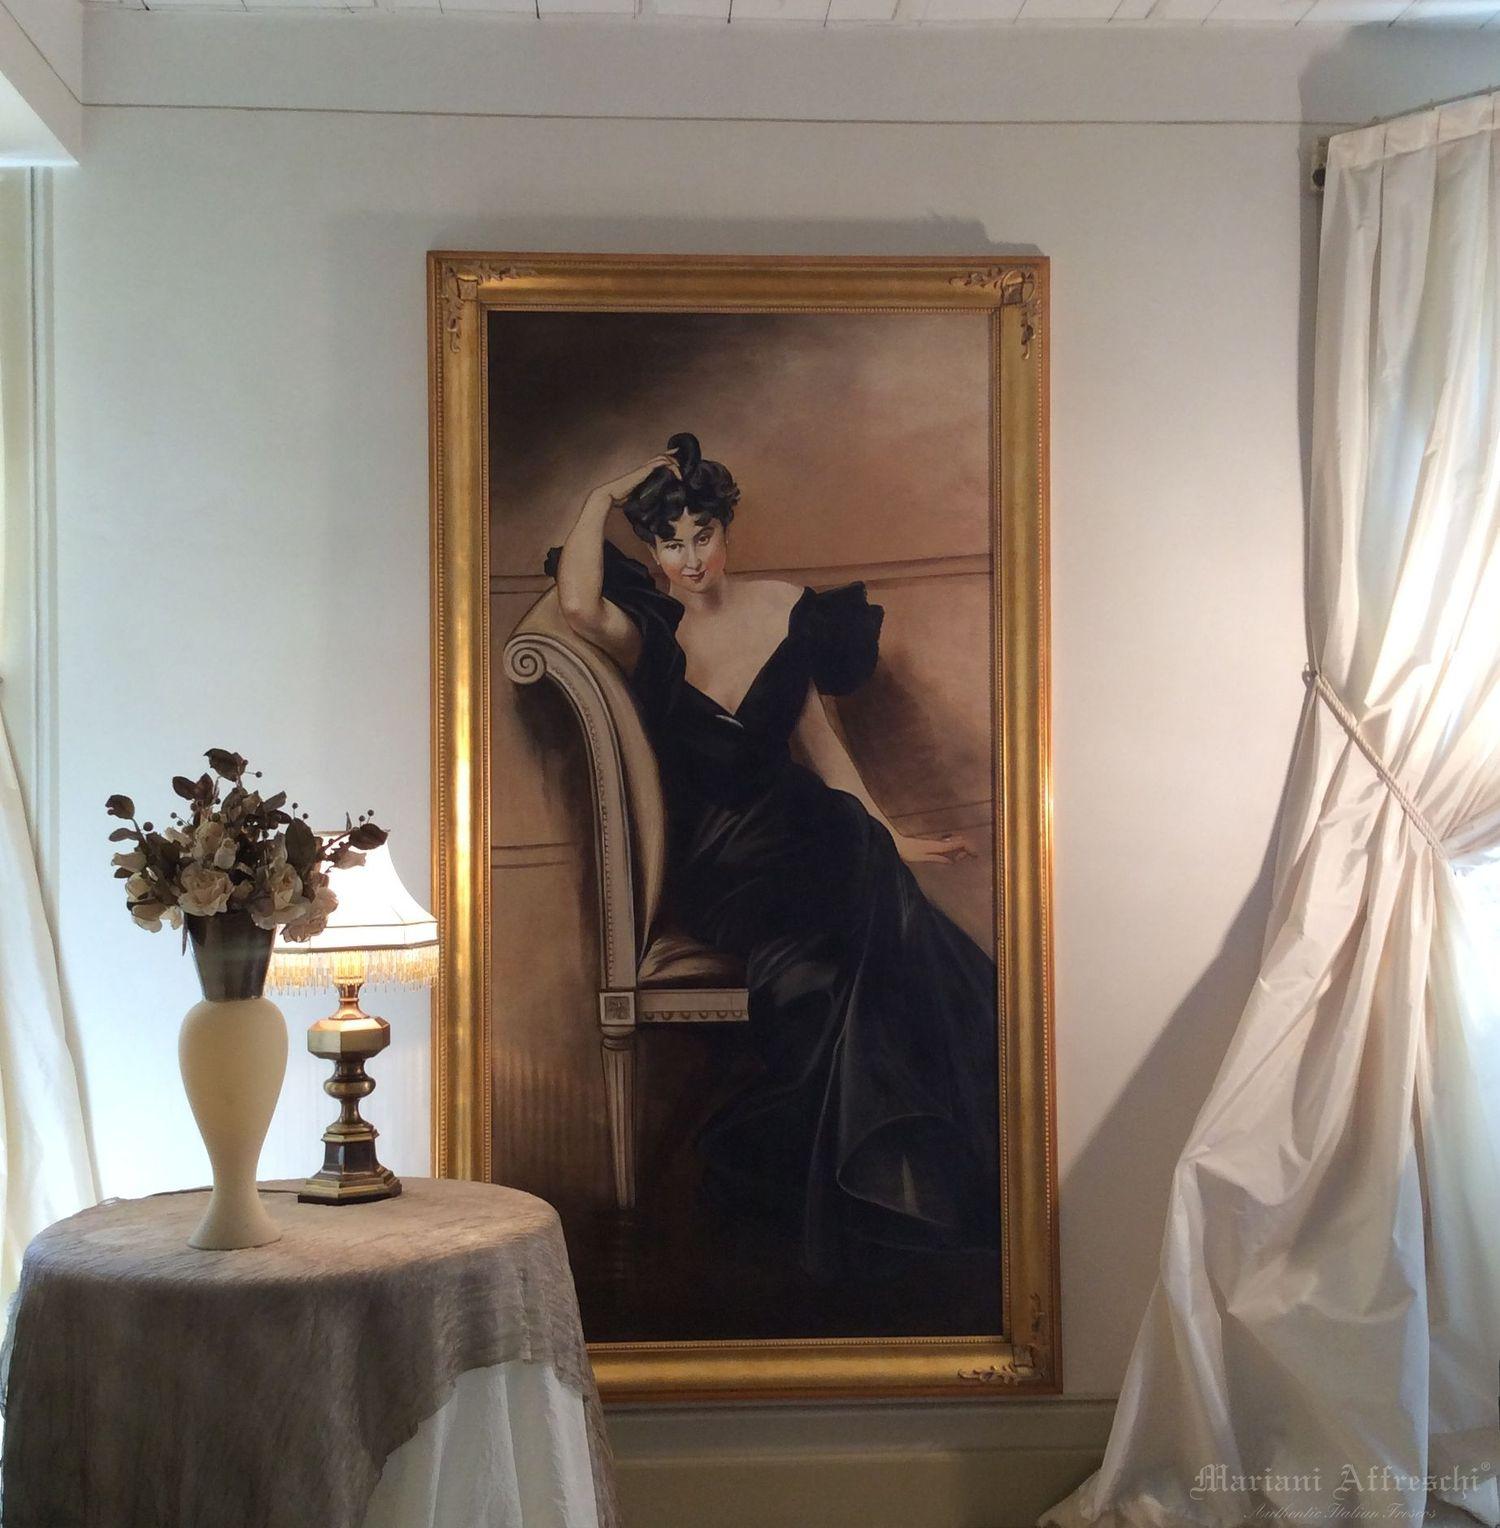 Ritratto di Dama, un affresco ispirato al Boldini e inserito in una preziosa cornice dorata